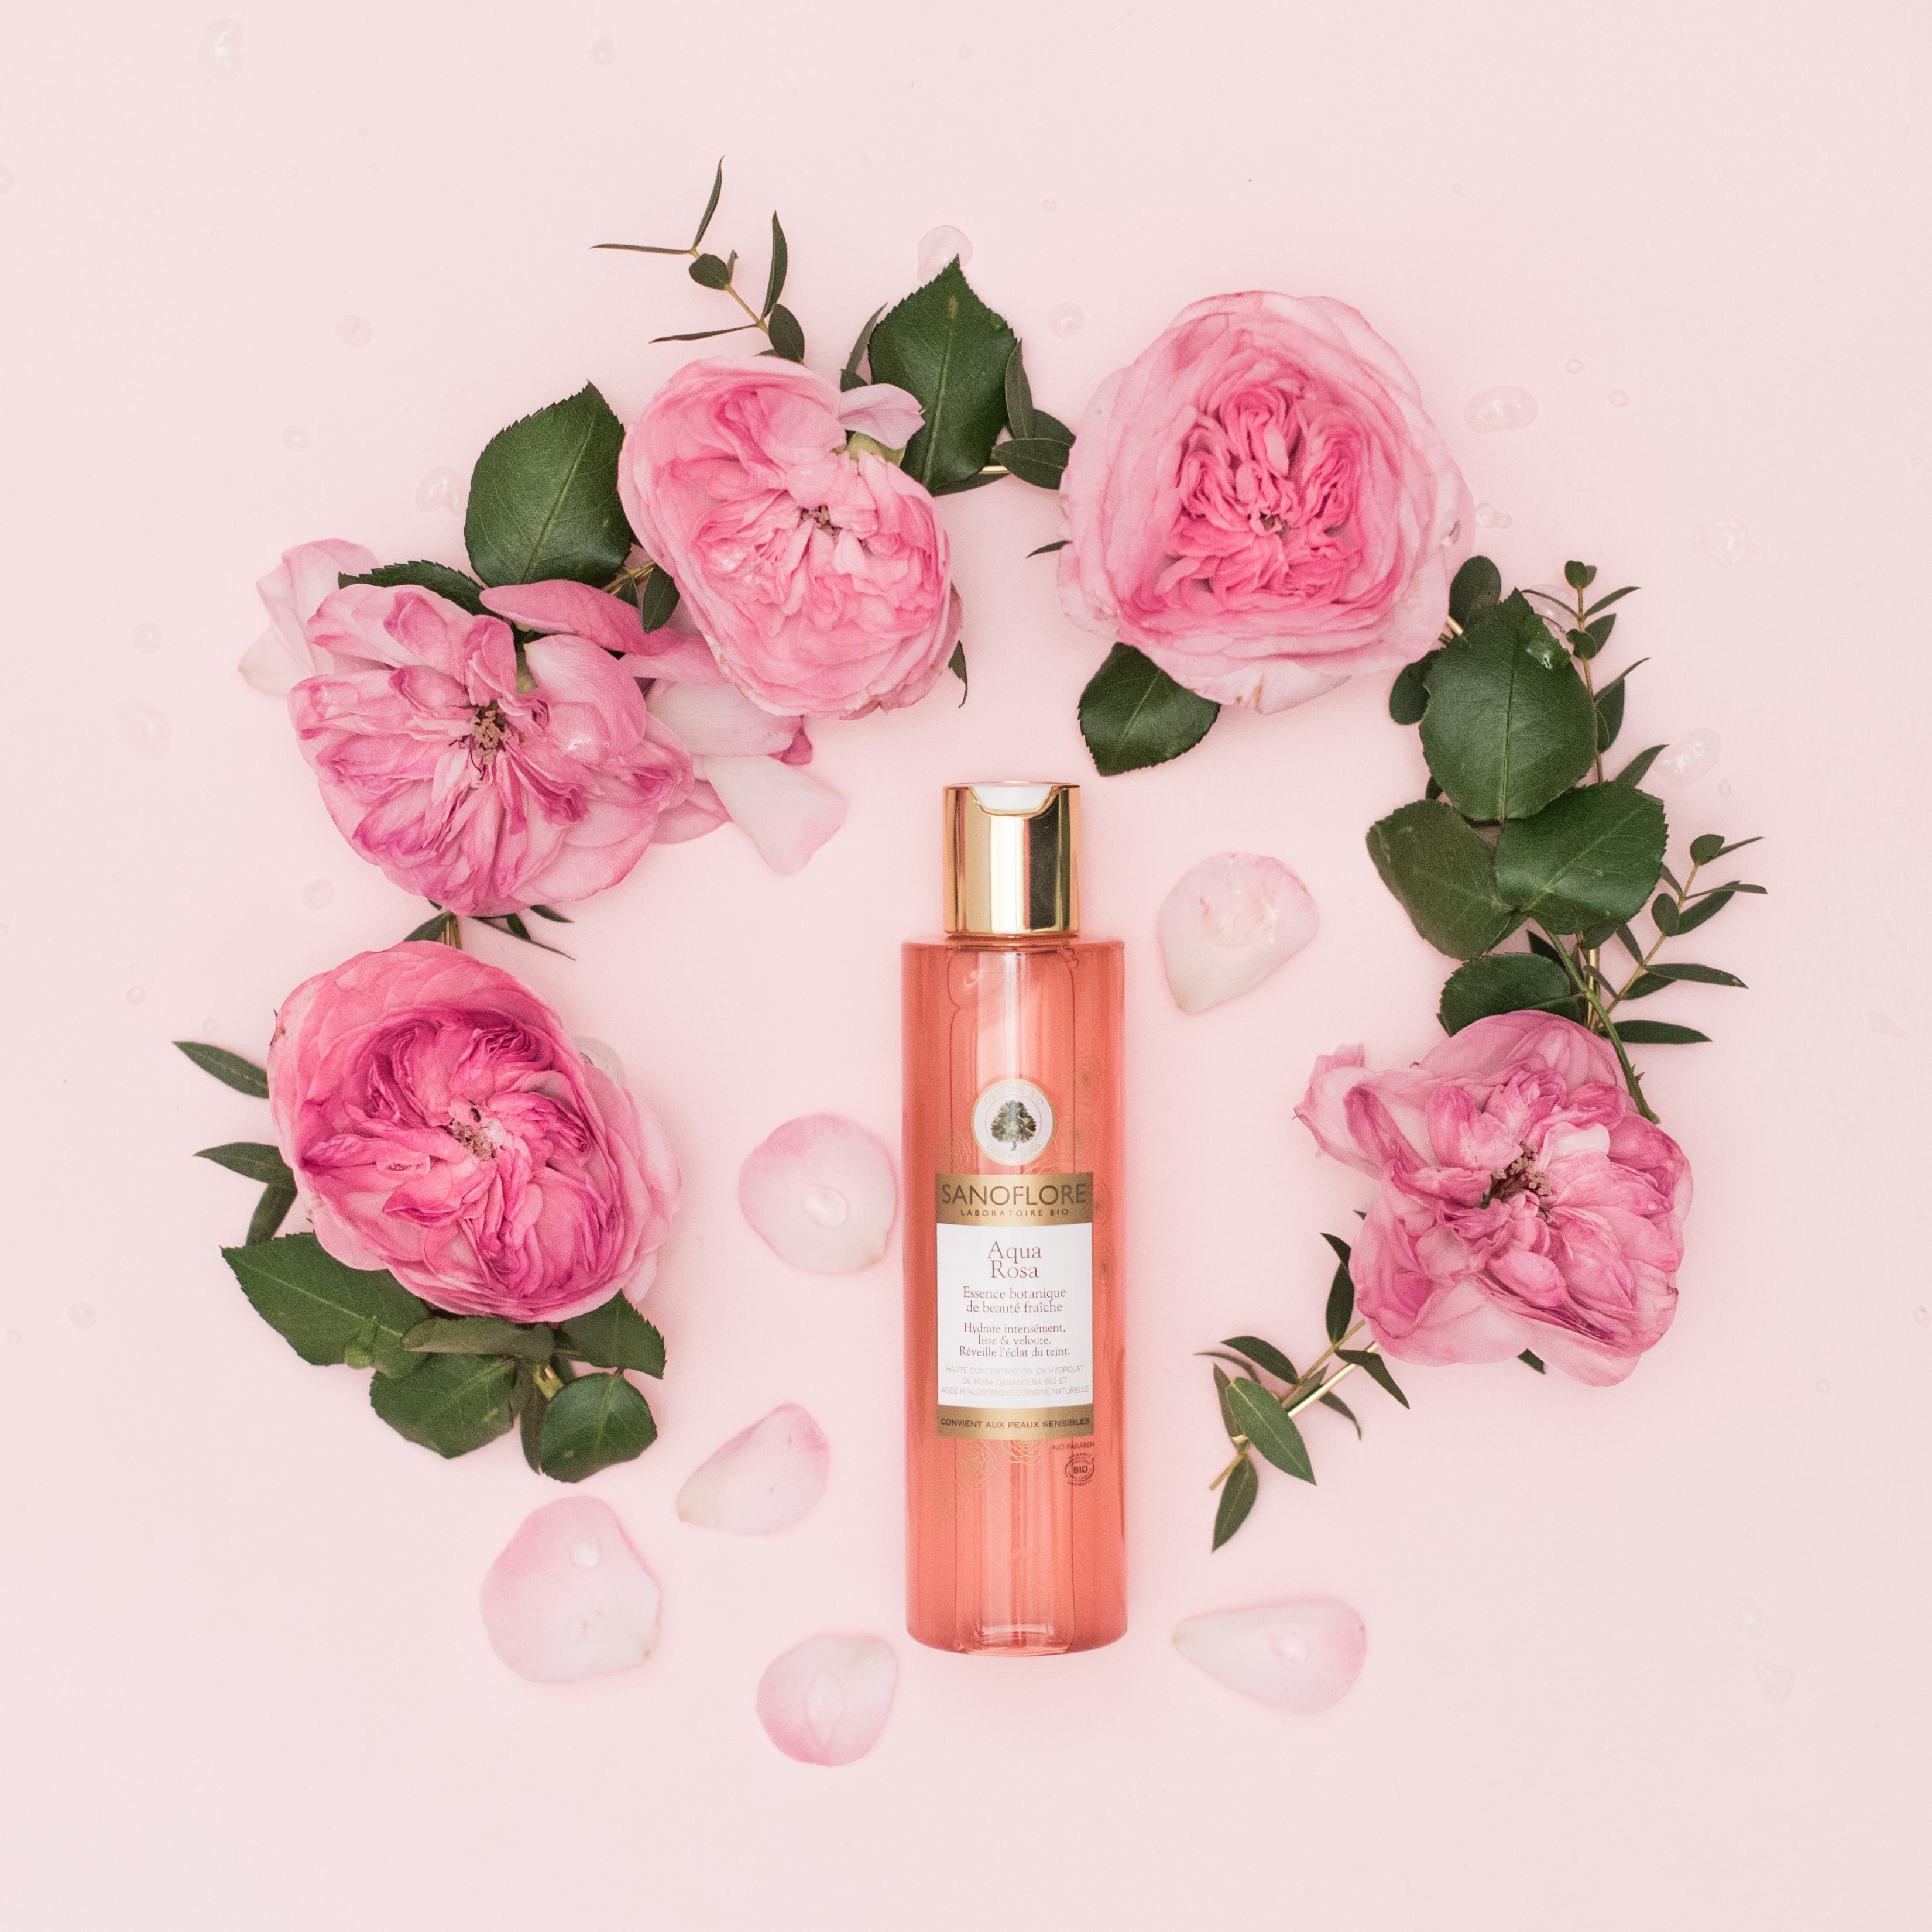 Sanoflore Aqua Rosa x Nymphea-44